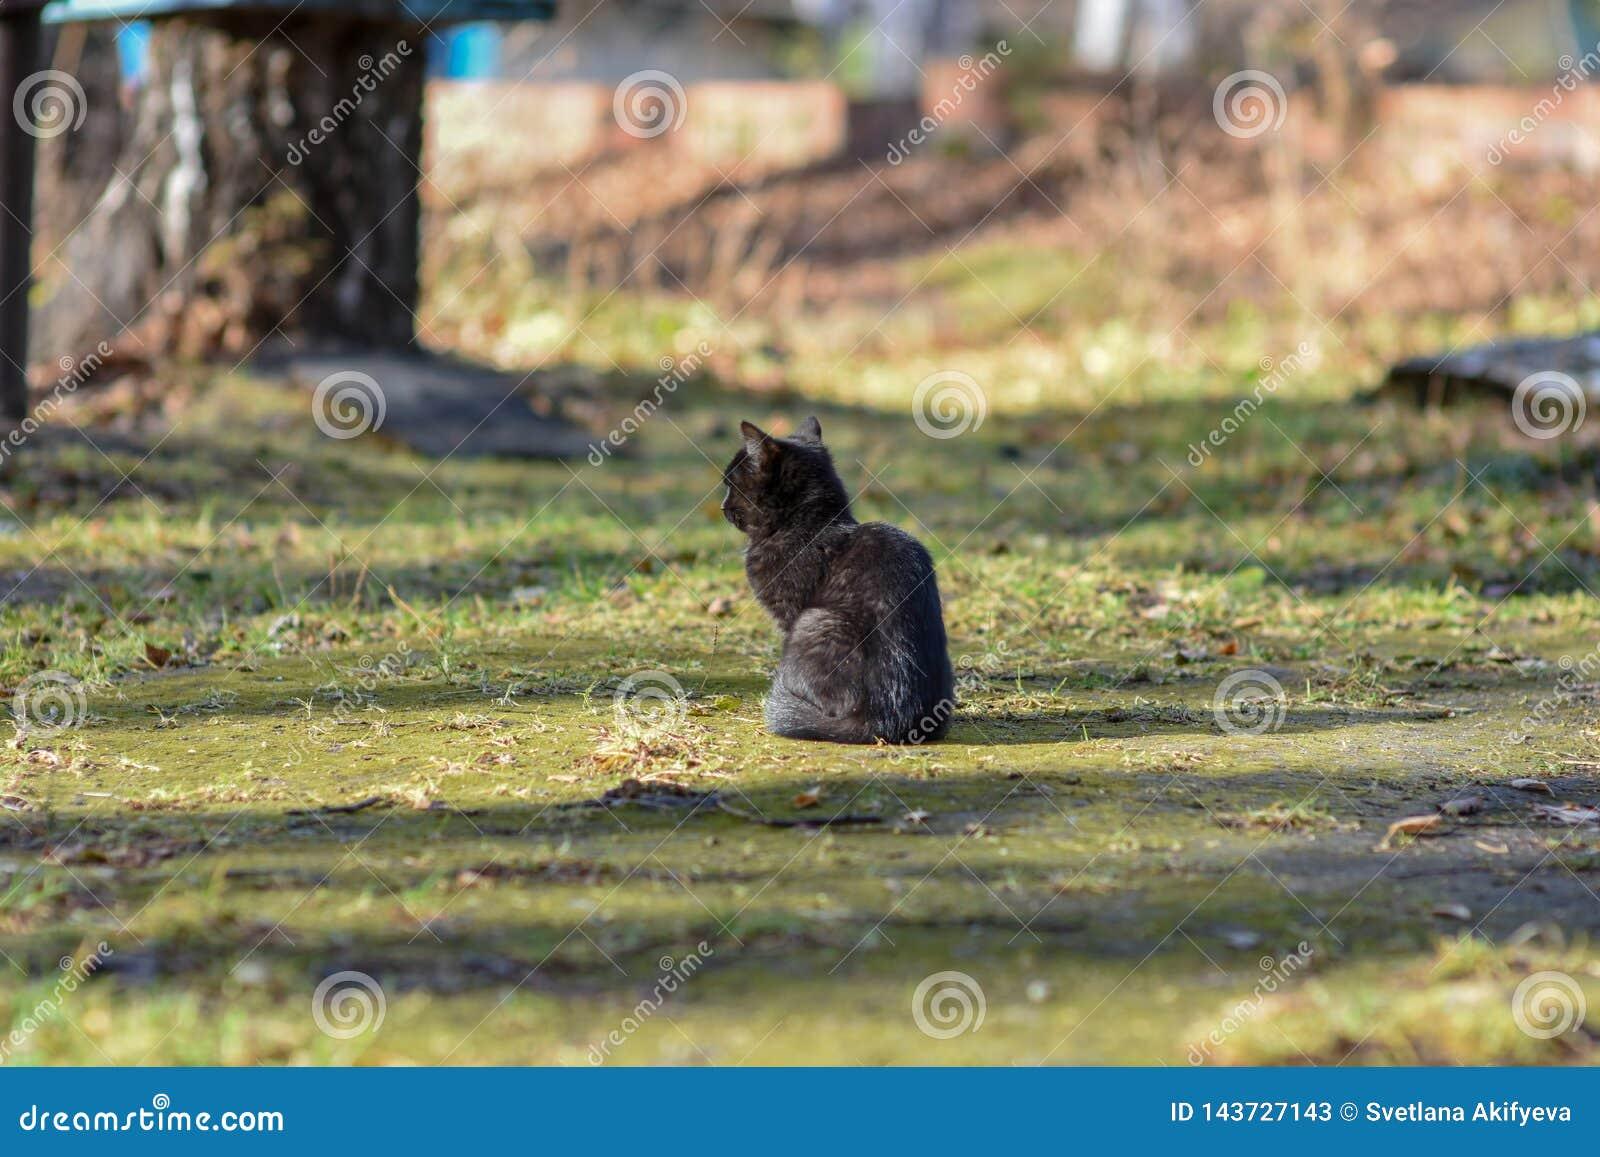 Auf Erde hat Katze Nahrung und schaut vorwärts zu